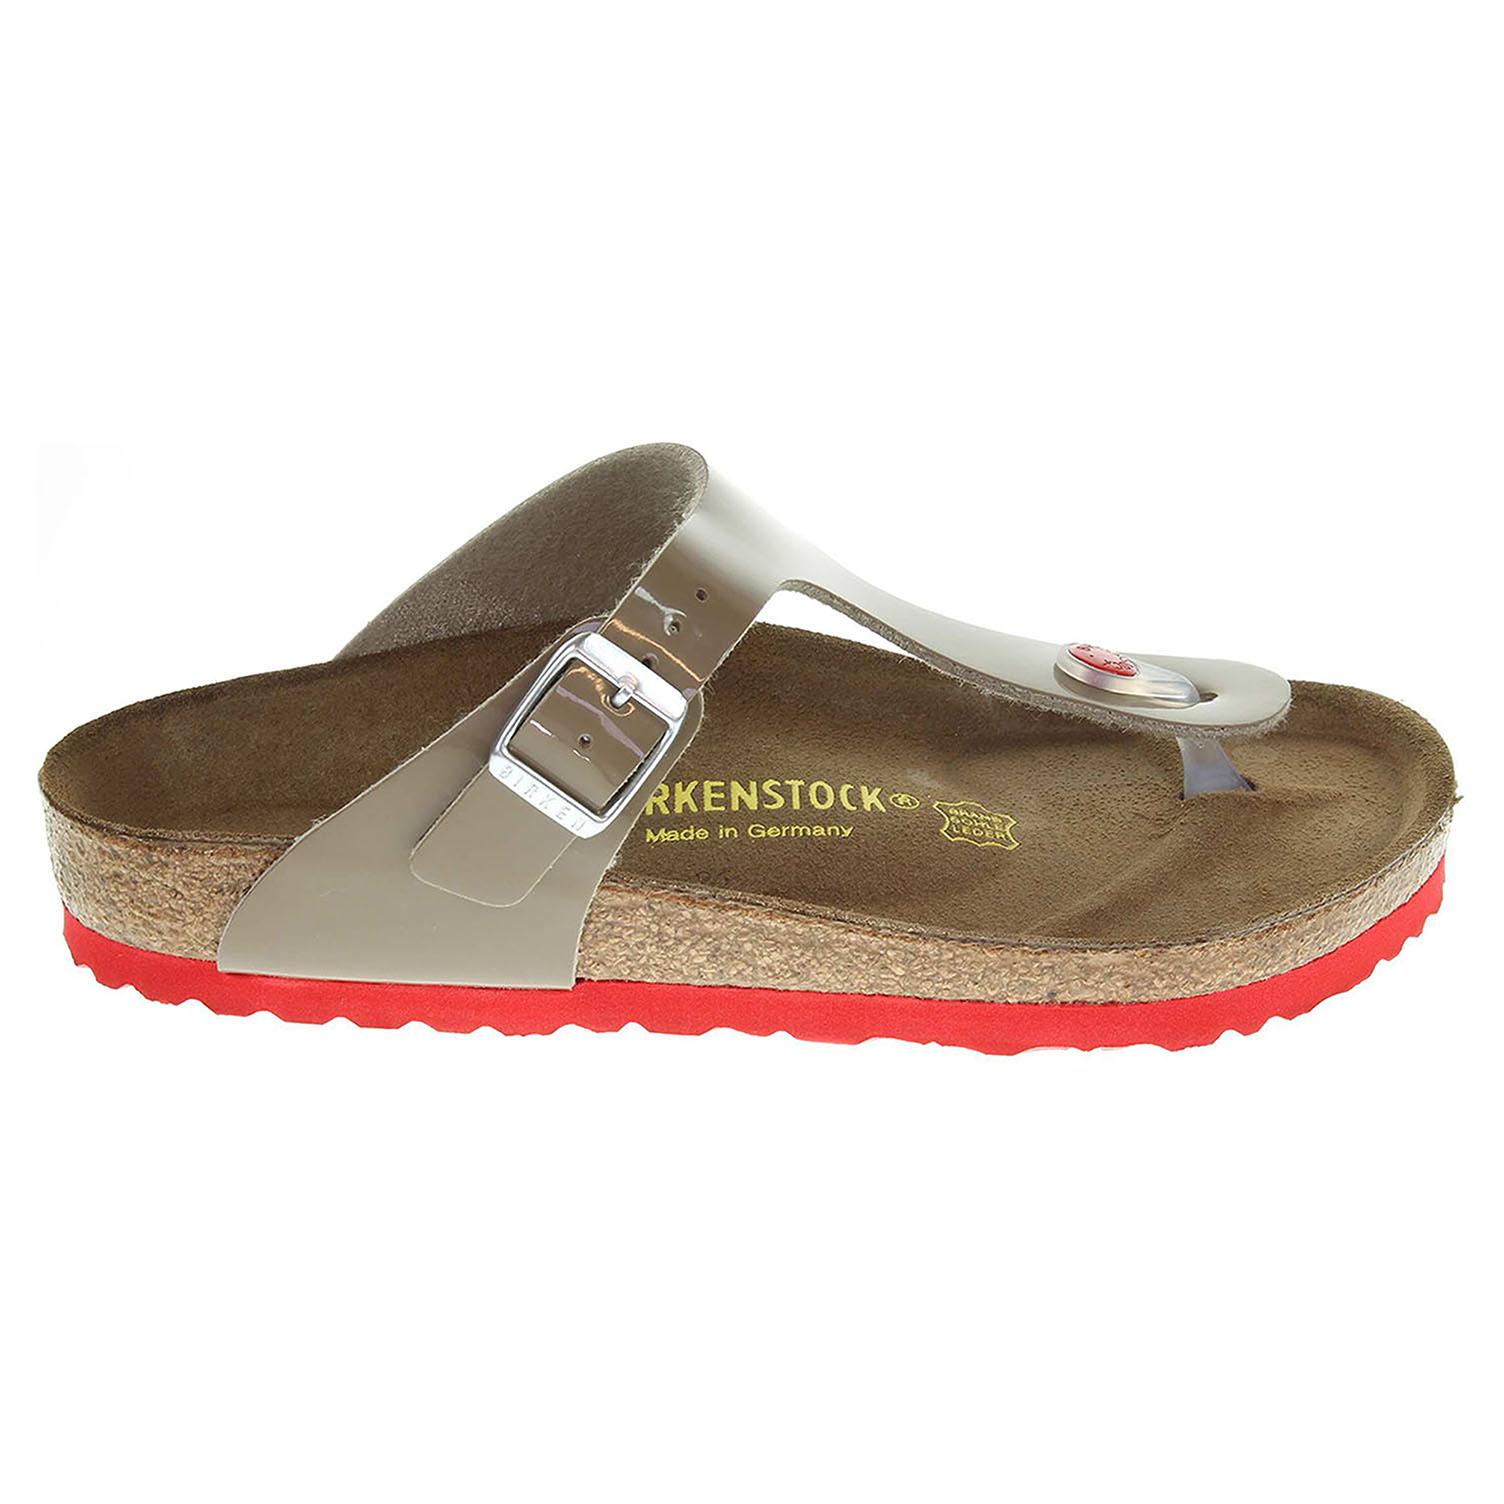 Birkenstock Gizeh dámské pantofle 745211 béžové 41